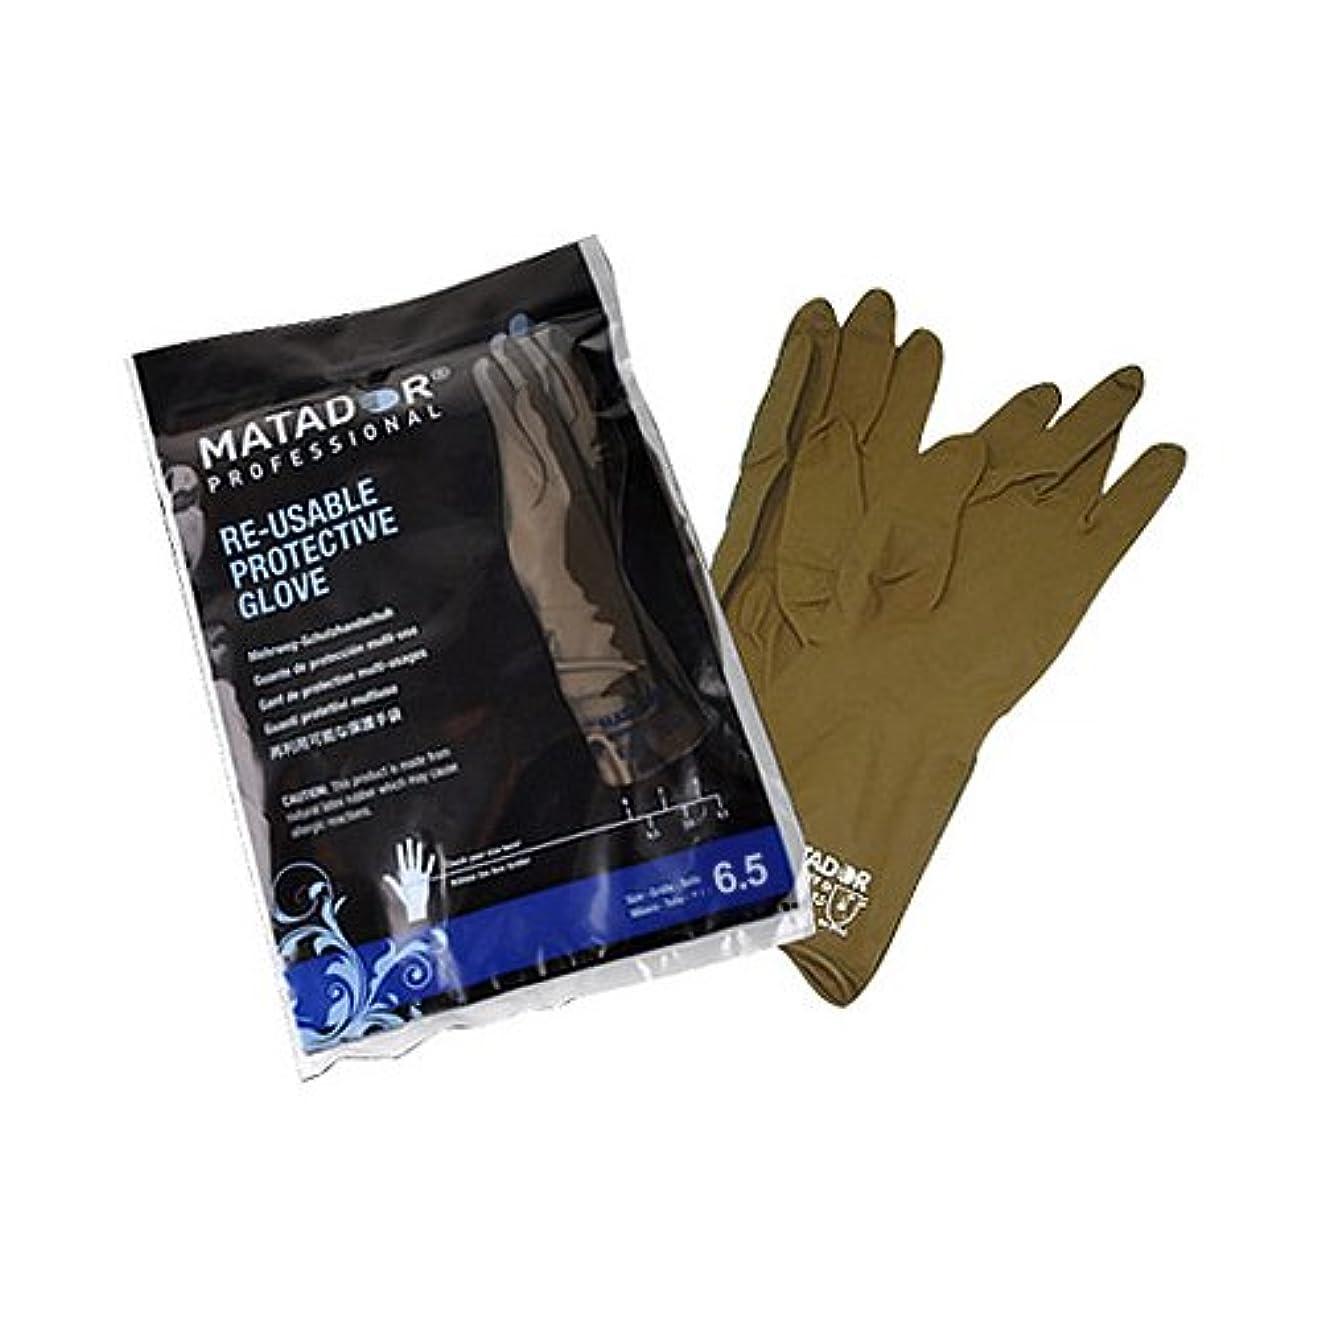 こどもの宮殿まともな現代のマタドールゴム手袋 6.5吋 【10個セット】